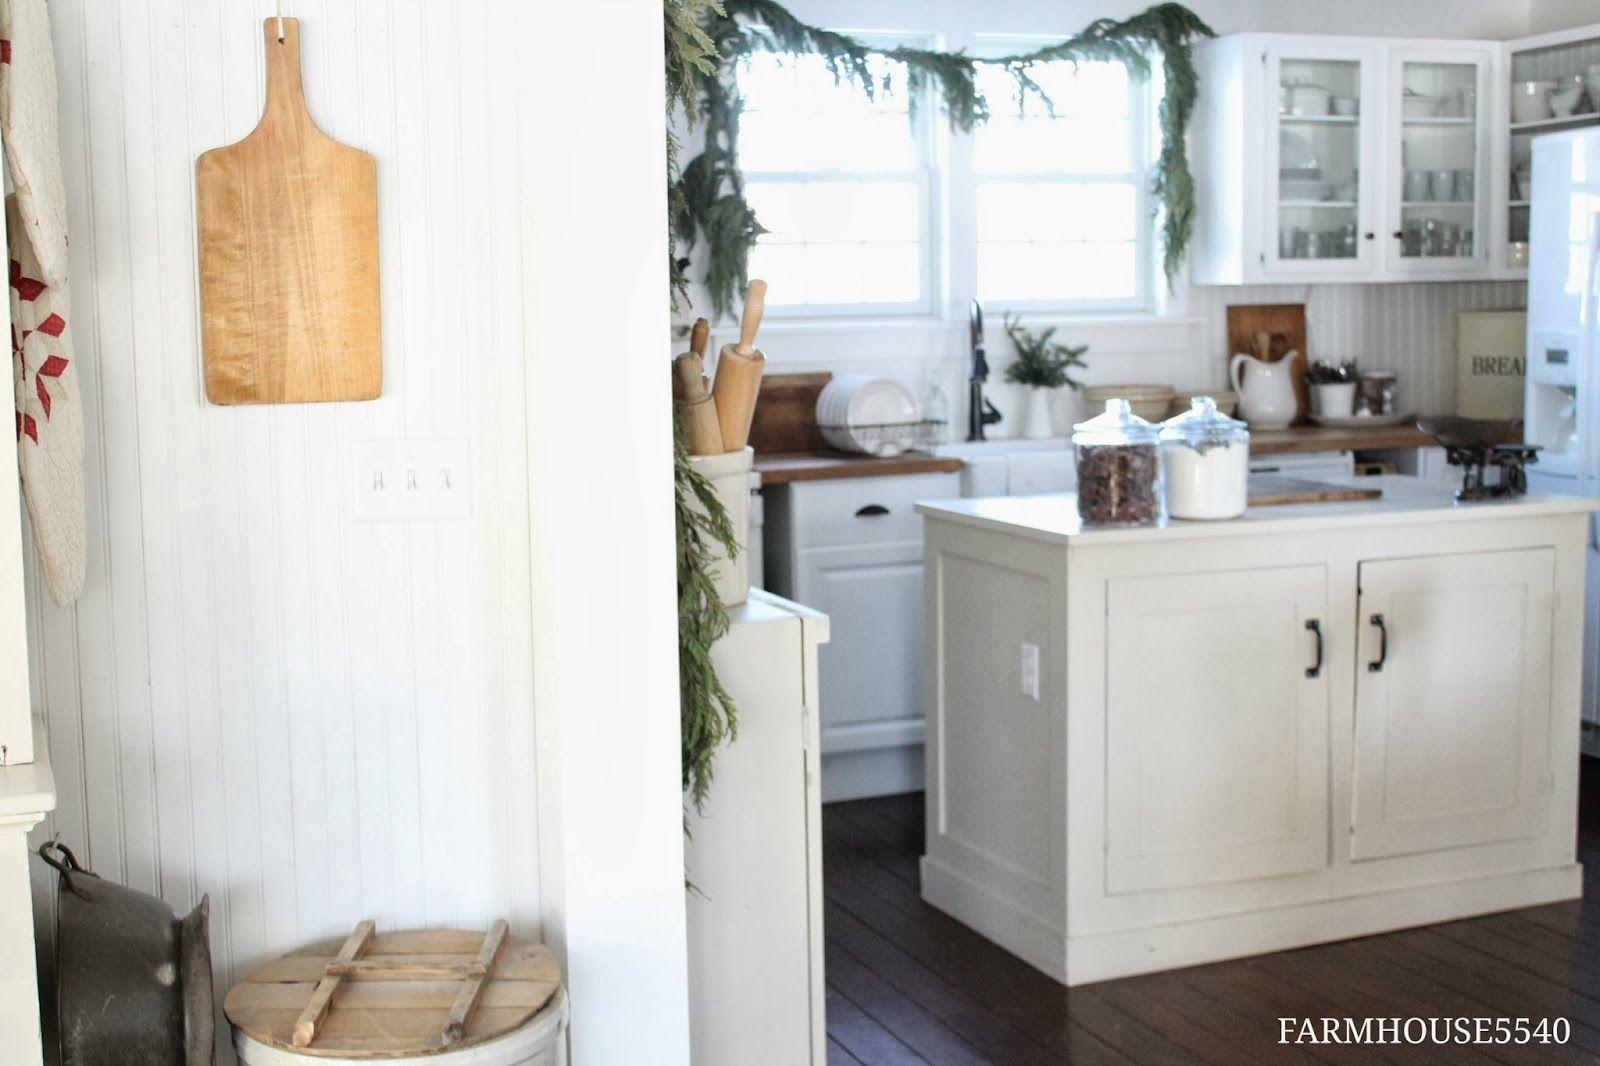 Farmhouse+Christmas+Part+4-11.jpg 1,600×1,066픽셀